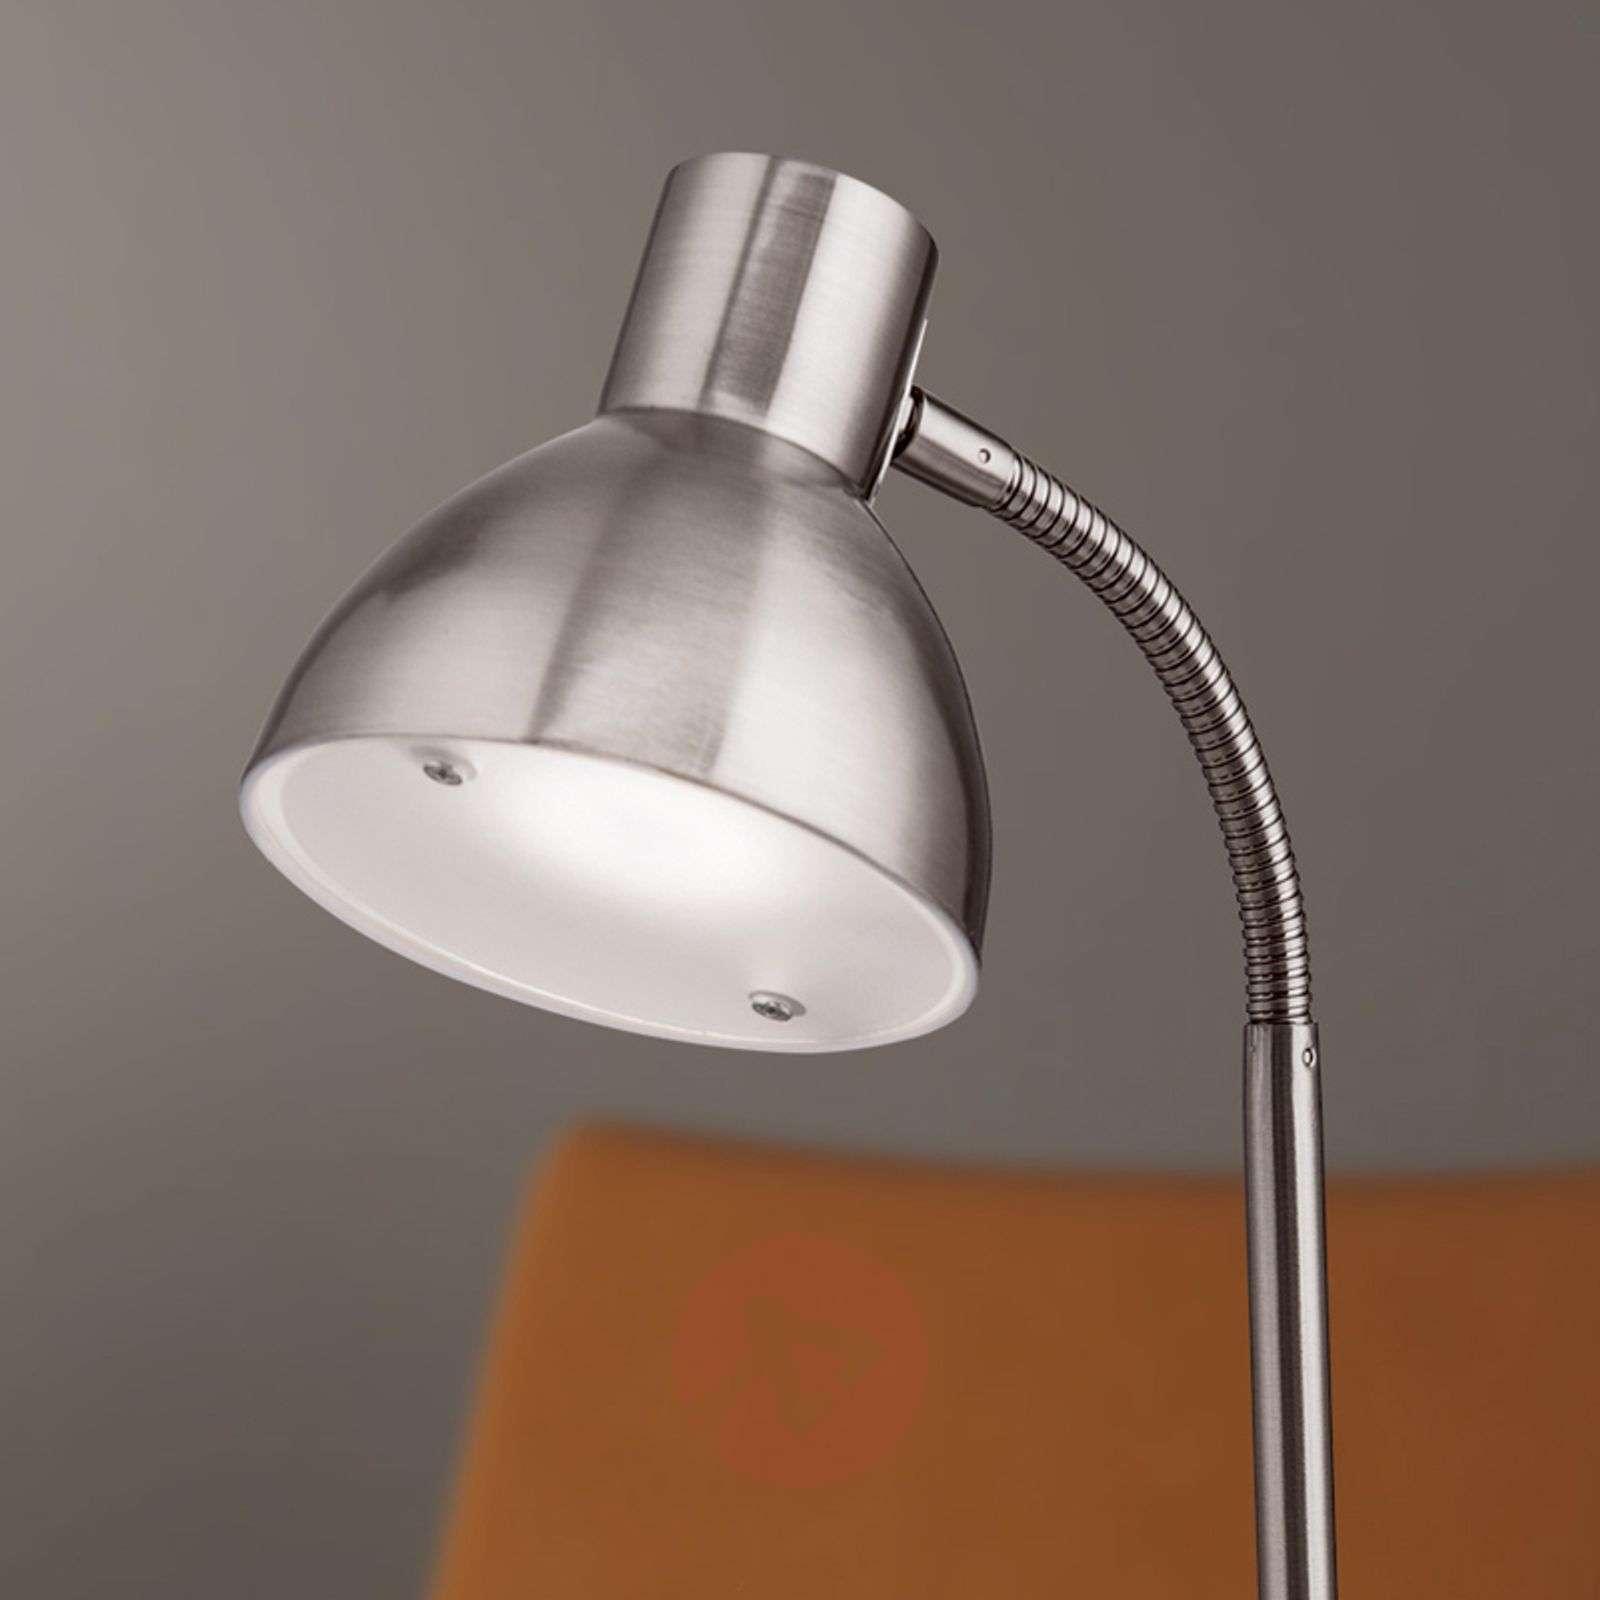 Mattanikkelin värinen Isra-LED-pöytävalaisin-7255047-01